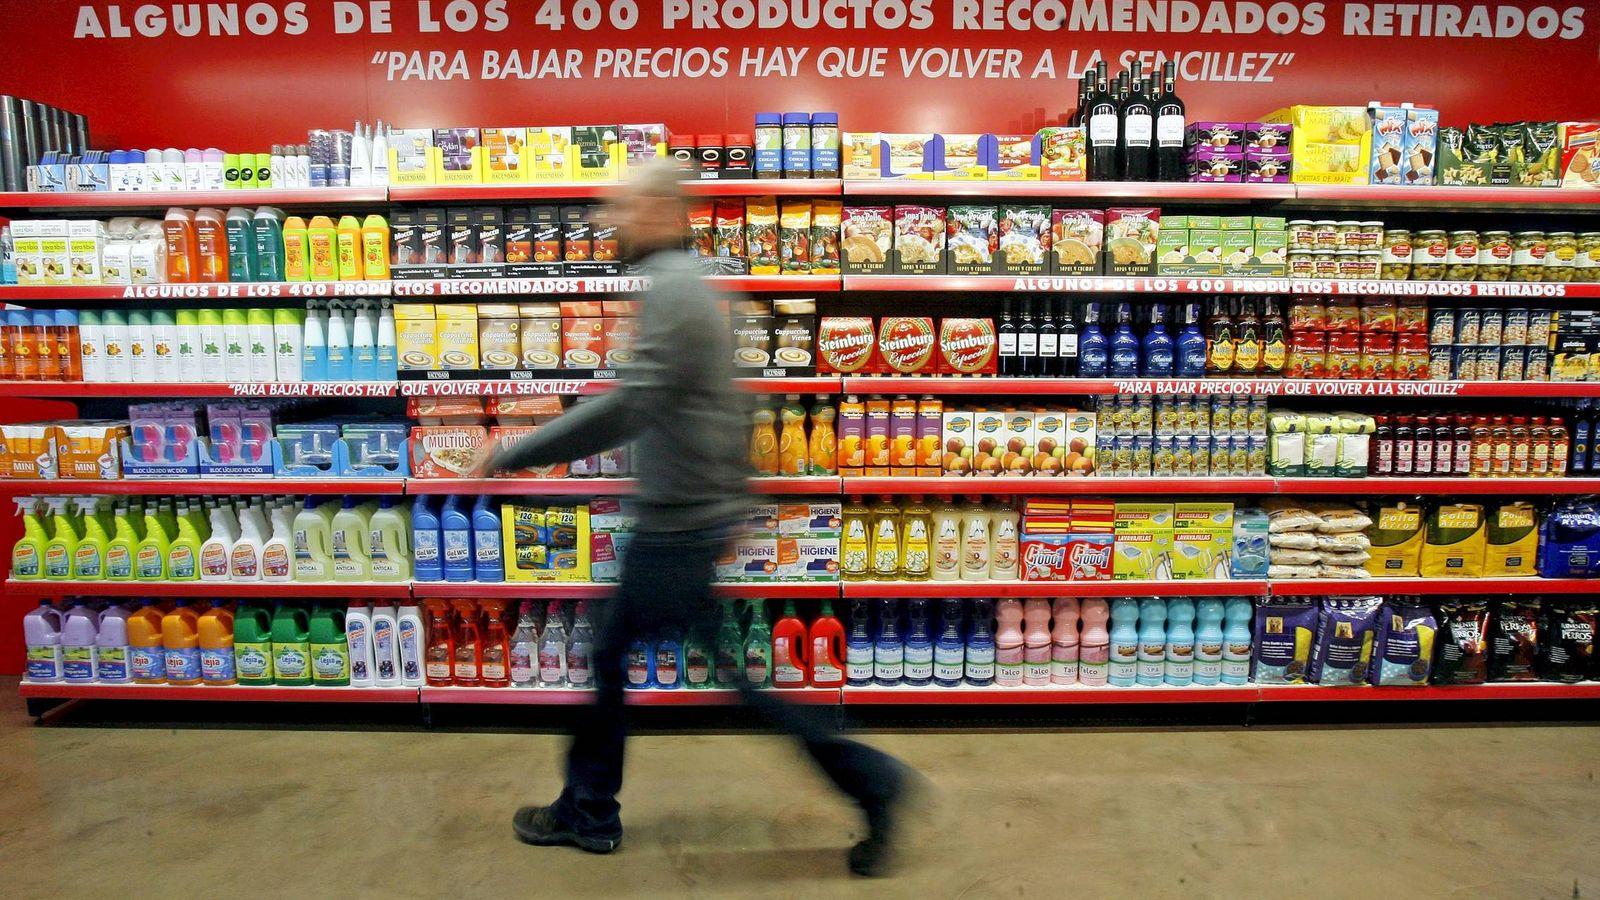 d0297acedf45 Supermercados: Ocho productos que no deberías comprar en el supermercado